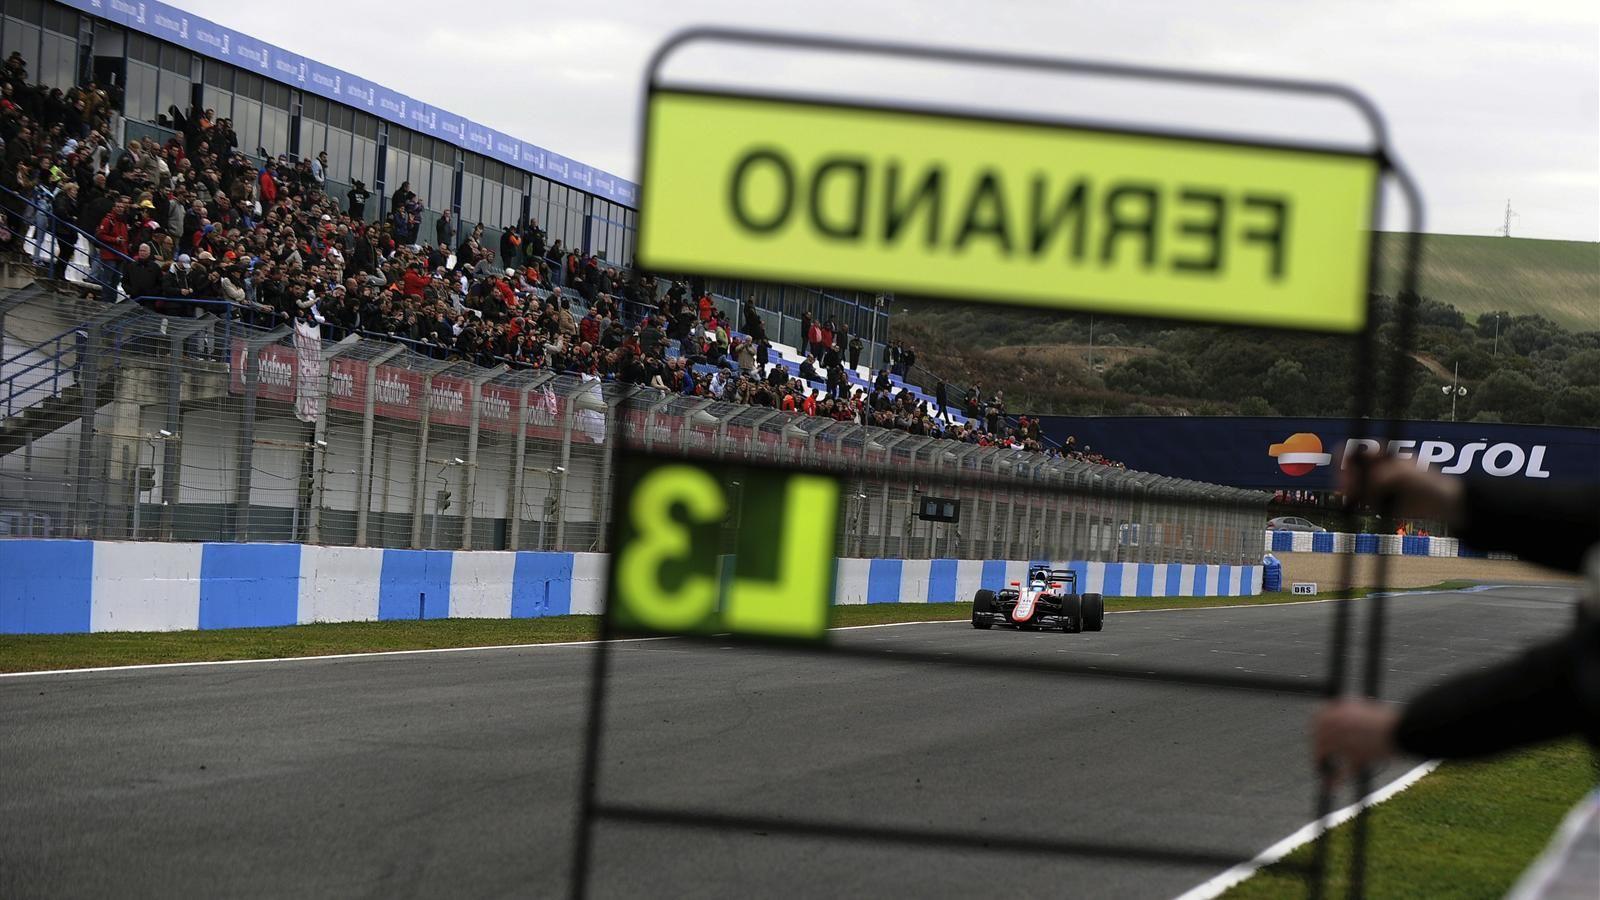 Spécial Sebastian Vettel (Formule un) - Page 12 1443137-30859698-1600-900